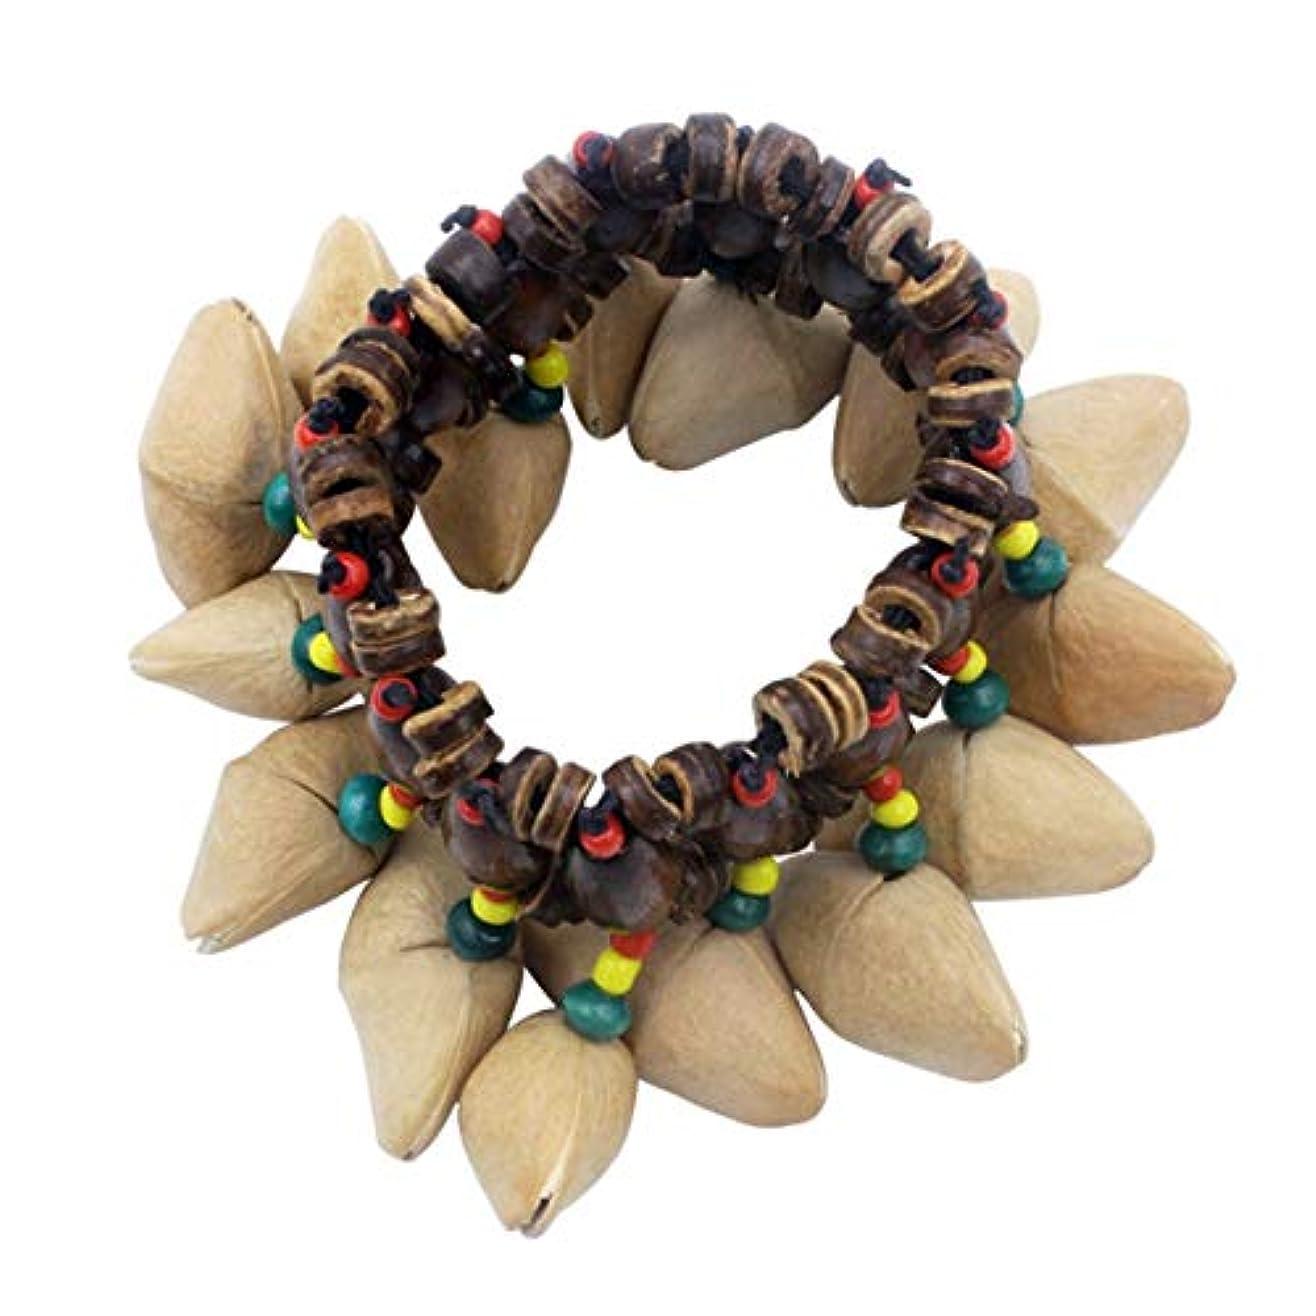 日付付き住居スペインDora Nutshell African Drum Hand Bell Drum Musical Instrument Bell Accessories-Wood Color